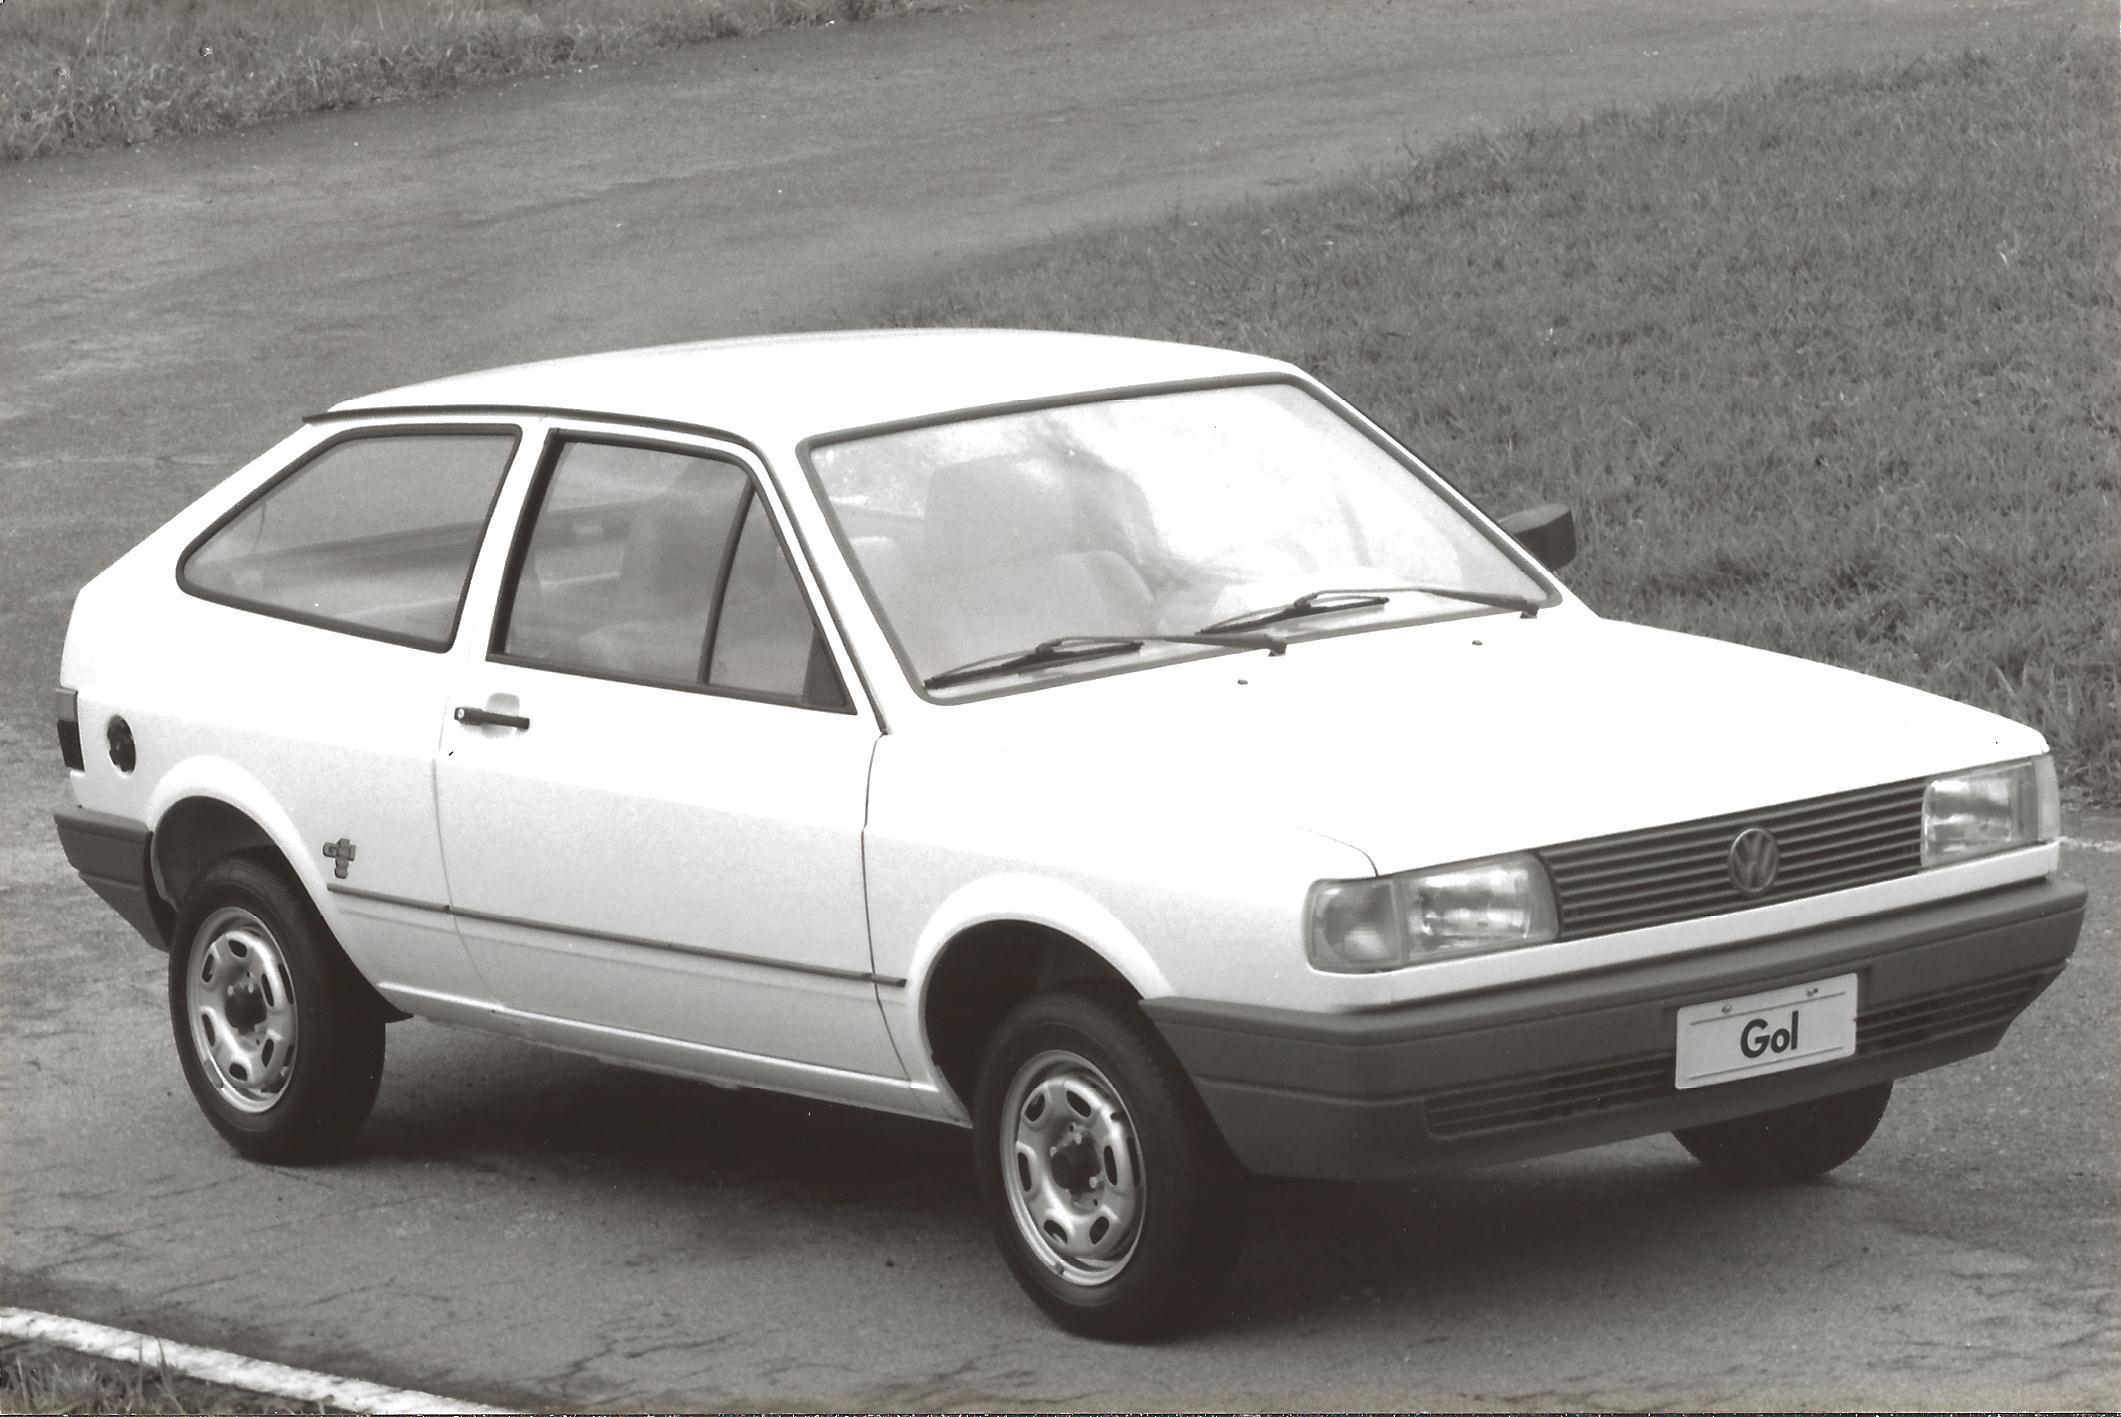 VW Gol 1000 2